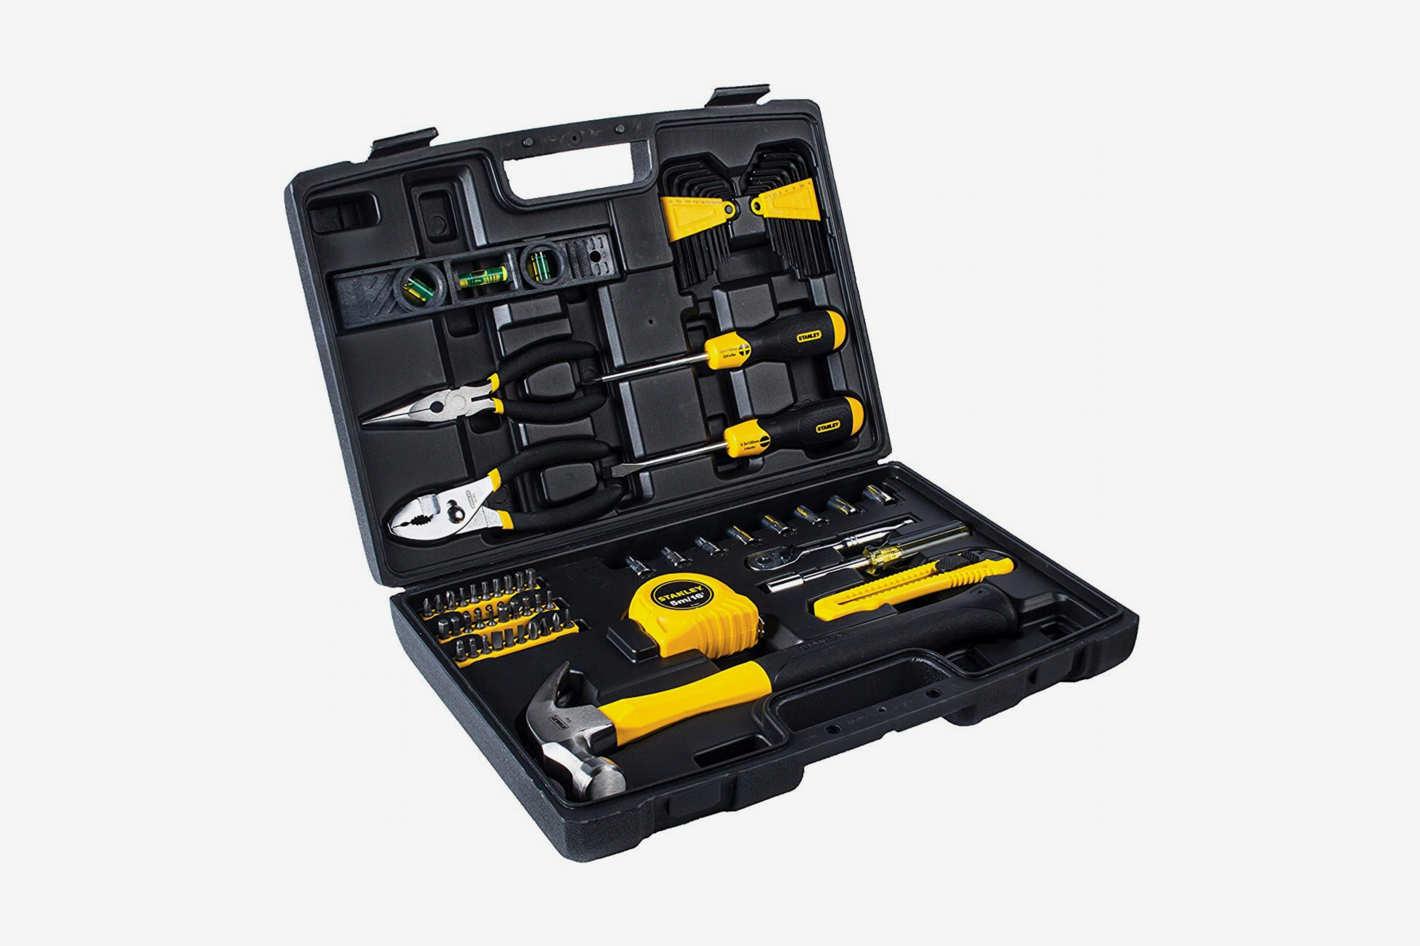 STANLEY 94-248 Homeowner's DIY Tool Kit, 65-Piece